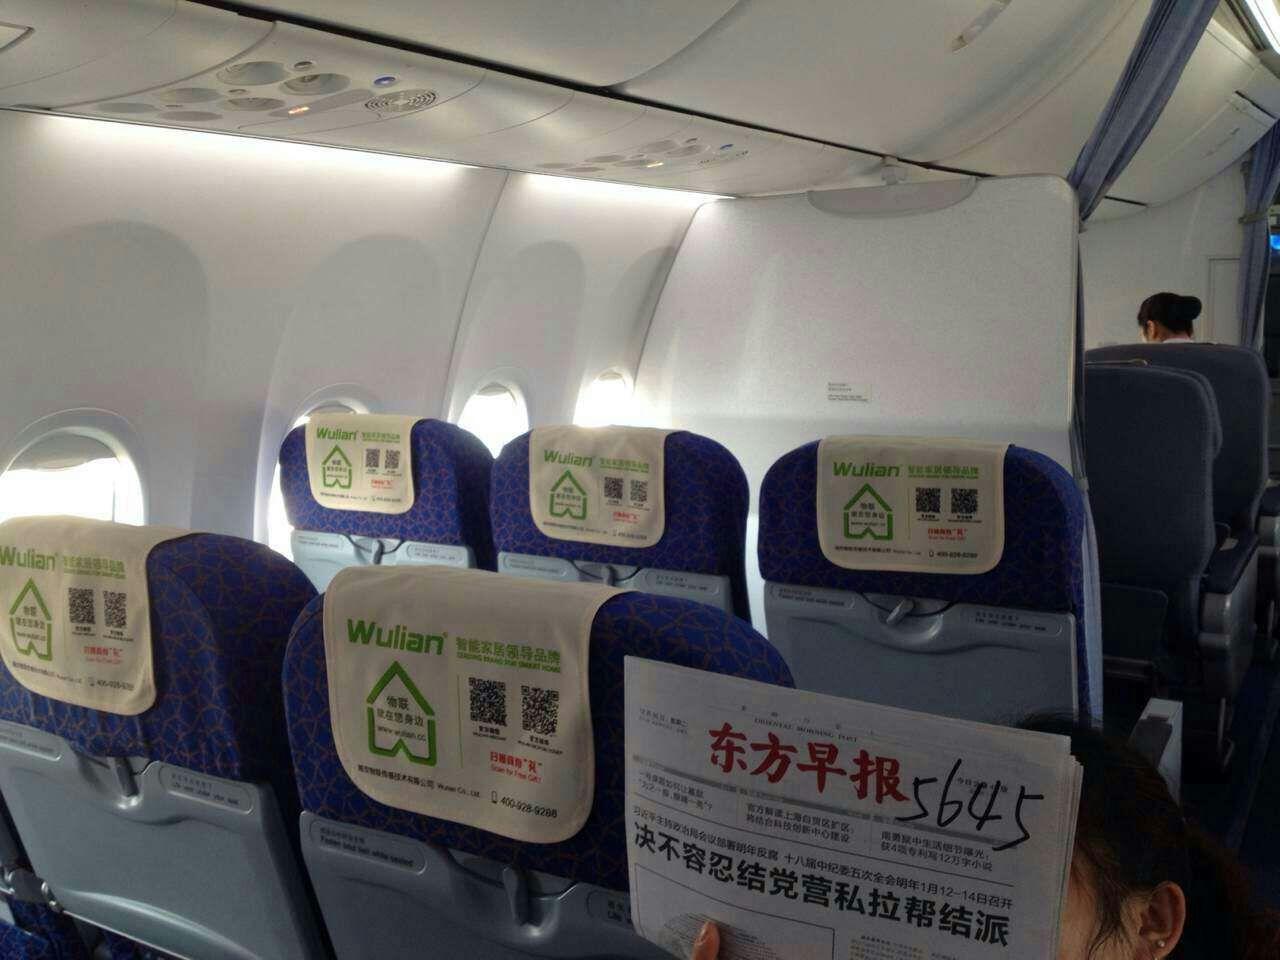 南京物联传感飞机头巾广告一期#智能家居#刘经理